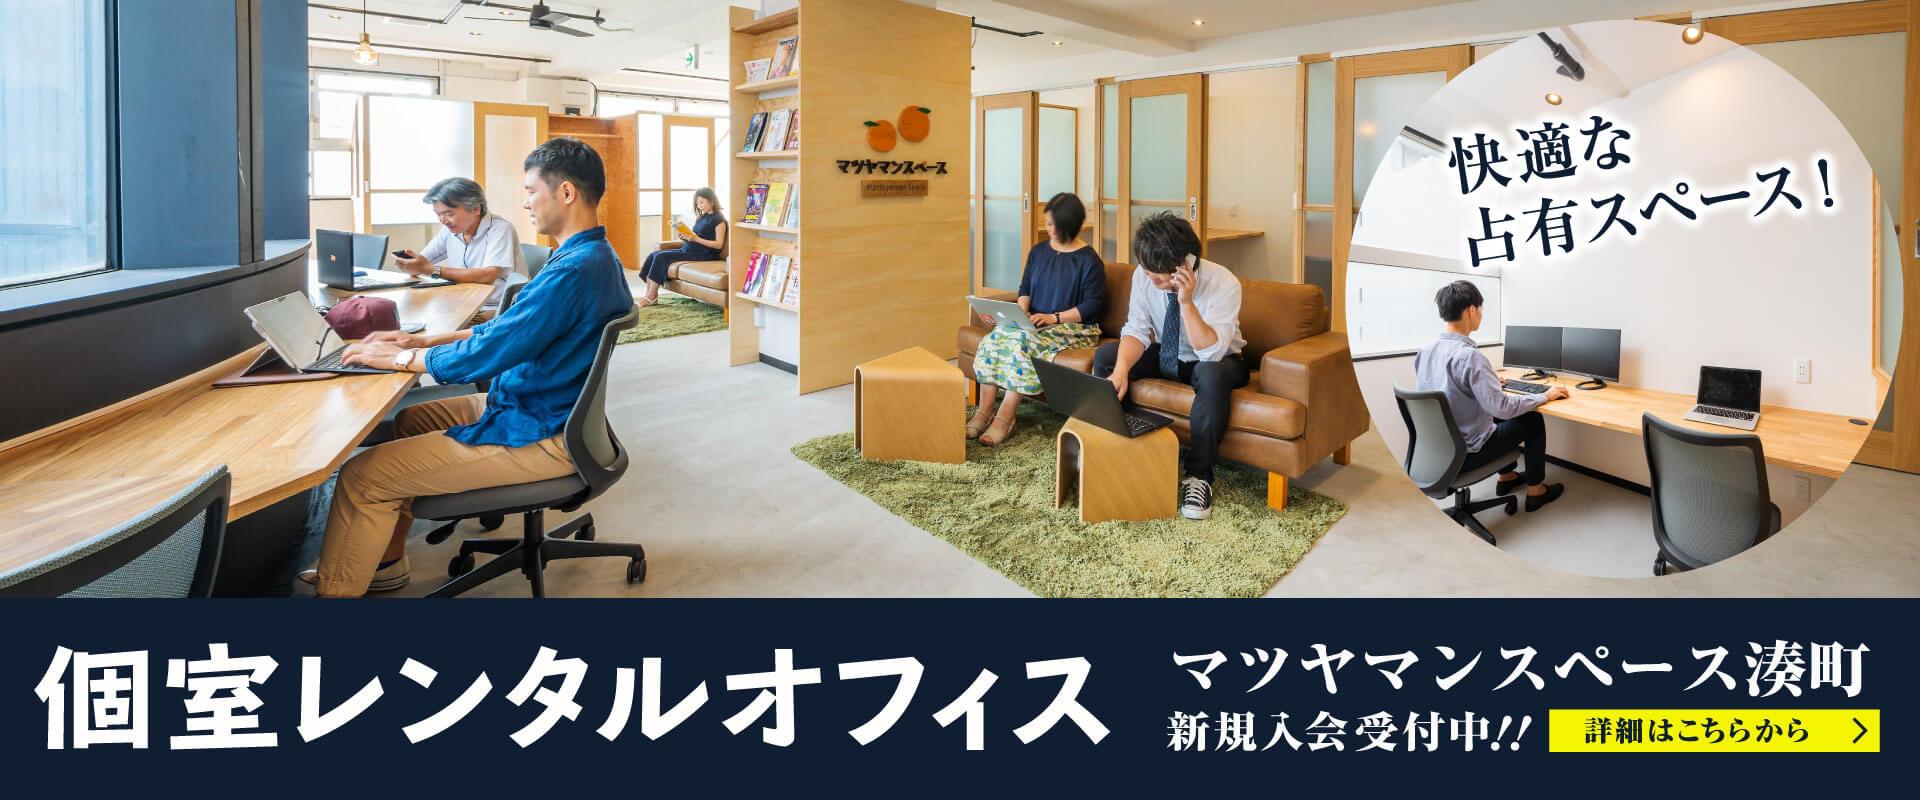 個室レンタルオフィス マツヤマンスペース港町 新規入会受付中!!